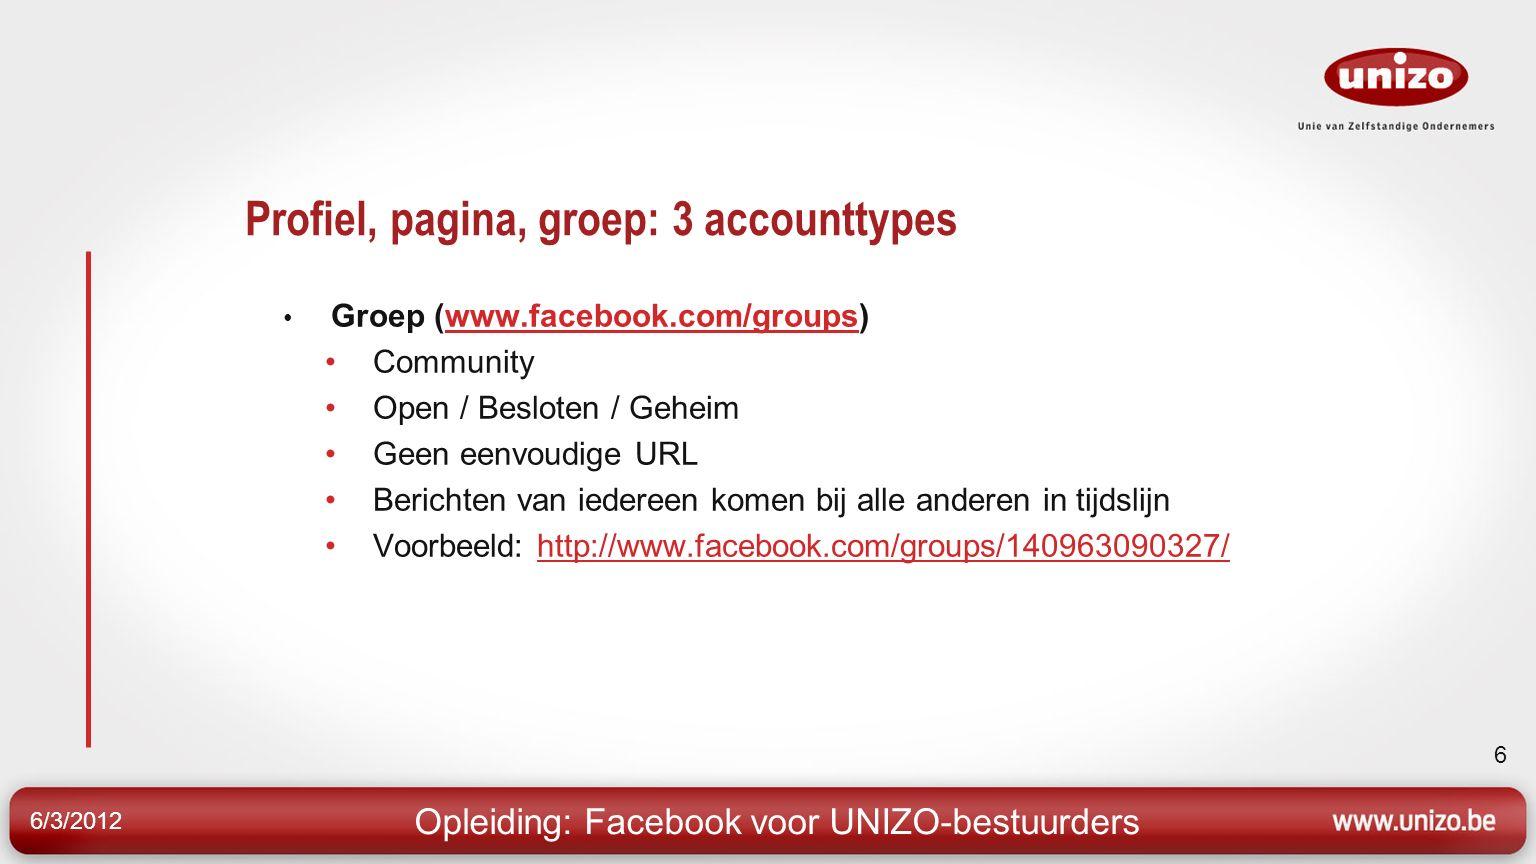 6/3/2012 7 Profiel, pagina, groep: 3 accounttypes Waarom eerder een pagina dan een persoonlijk profiel.